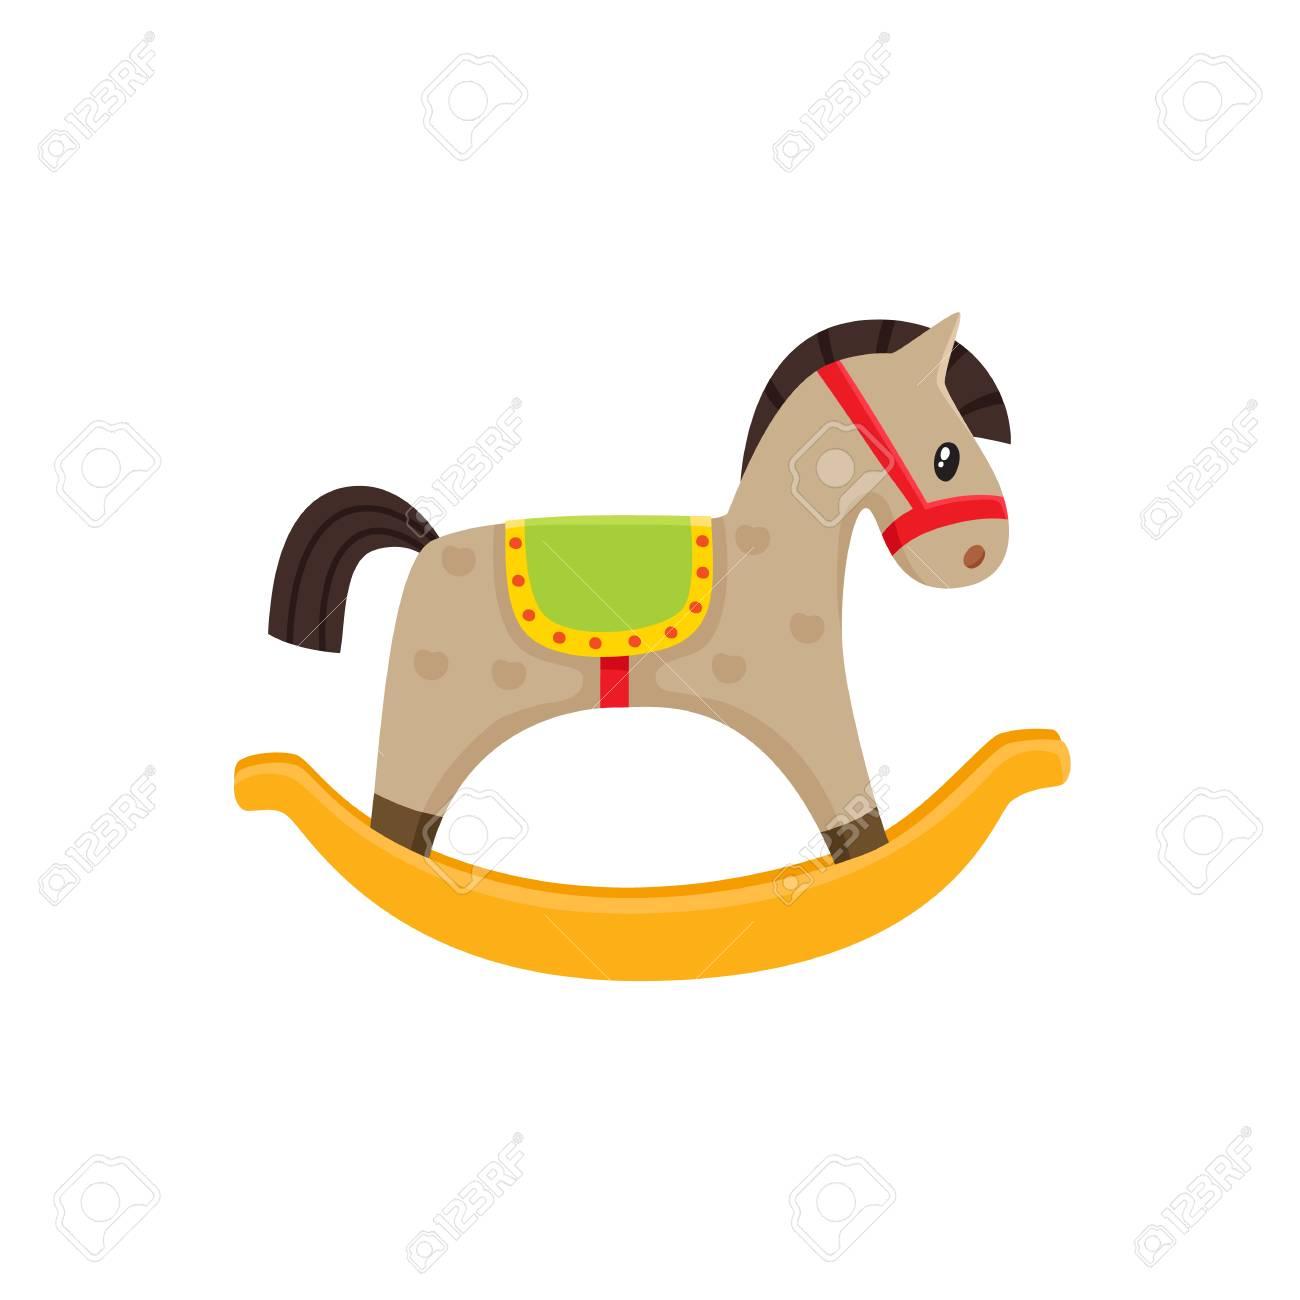 Illustration de plat jouet vecteur cheval à bascule. Cheval enfant en bois, jouet de poney coloré isolé sur fond blanc. Concept d'éducation, de